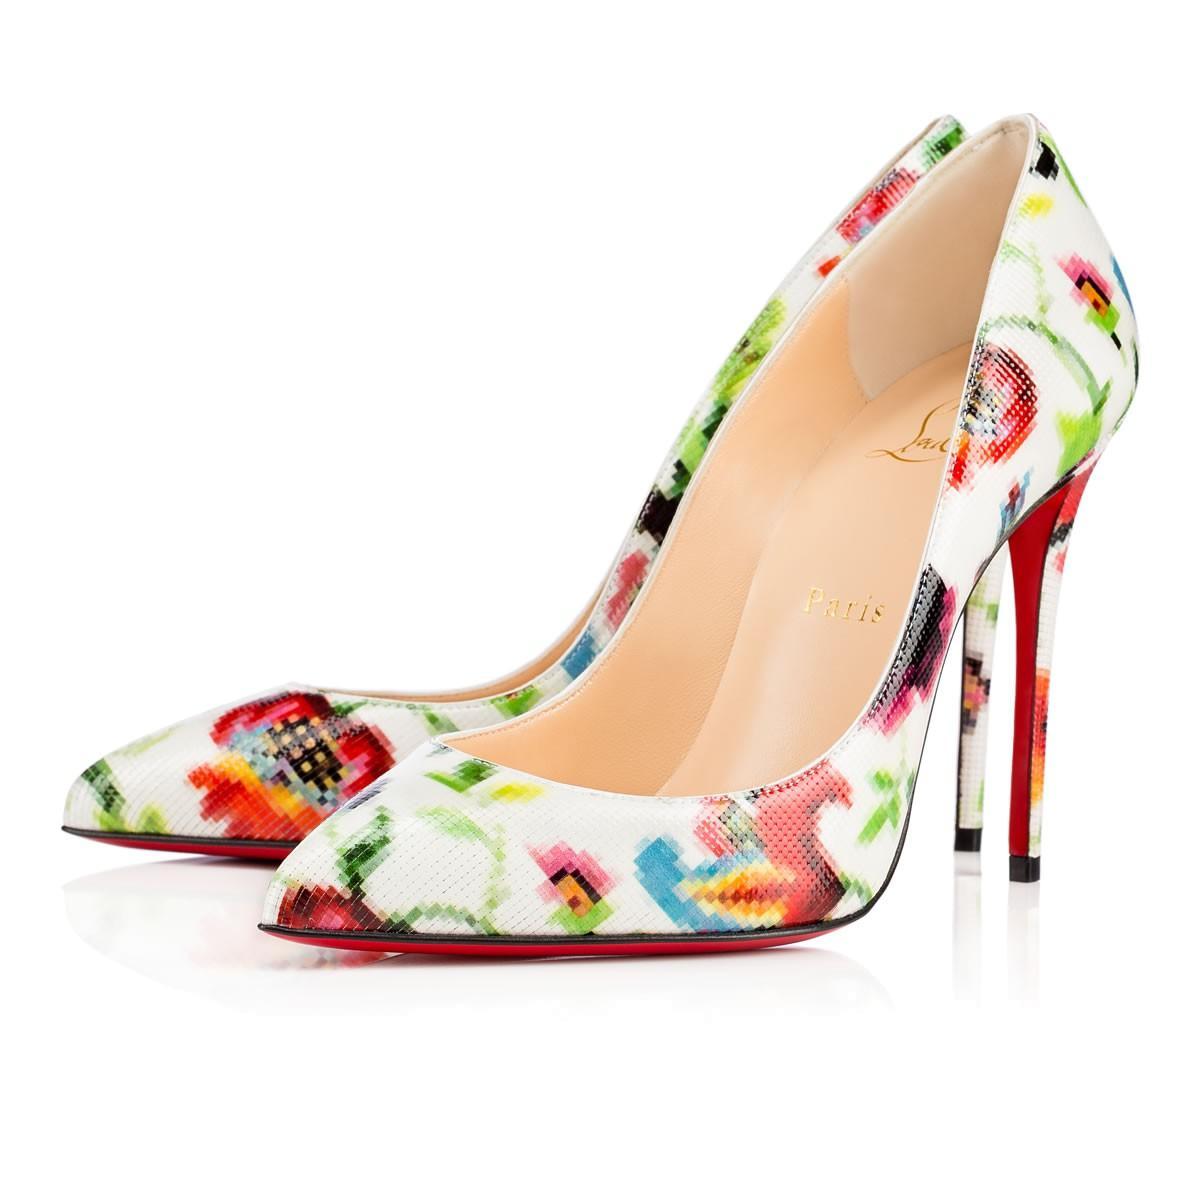 the latest 40c69 65d0a Pigalle Follies Patent Mosaique 100 Multicolor Patent Calfskin - Women  Shoes - Christian Louboutin